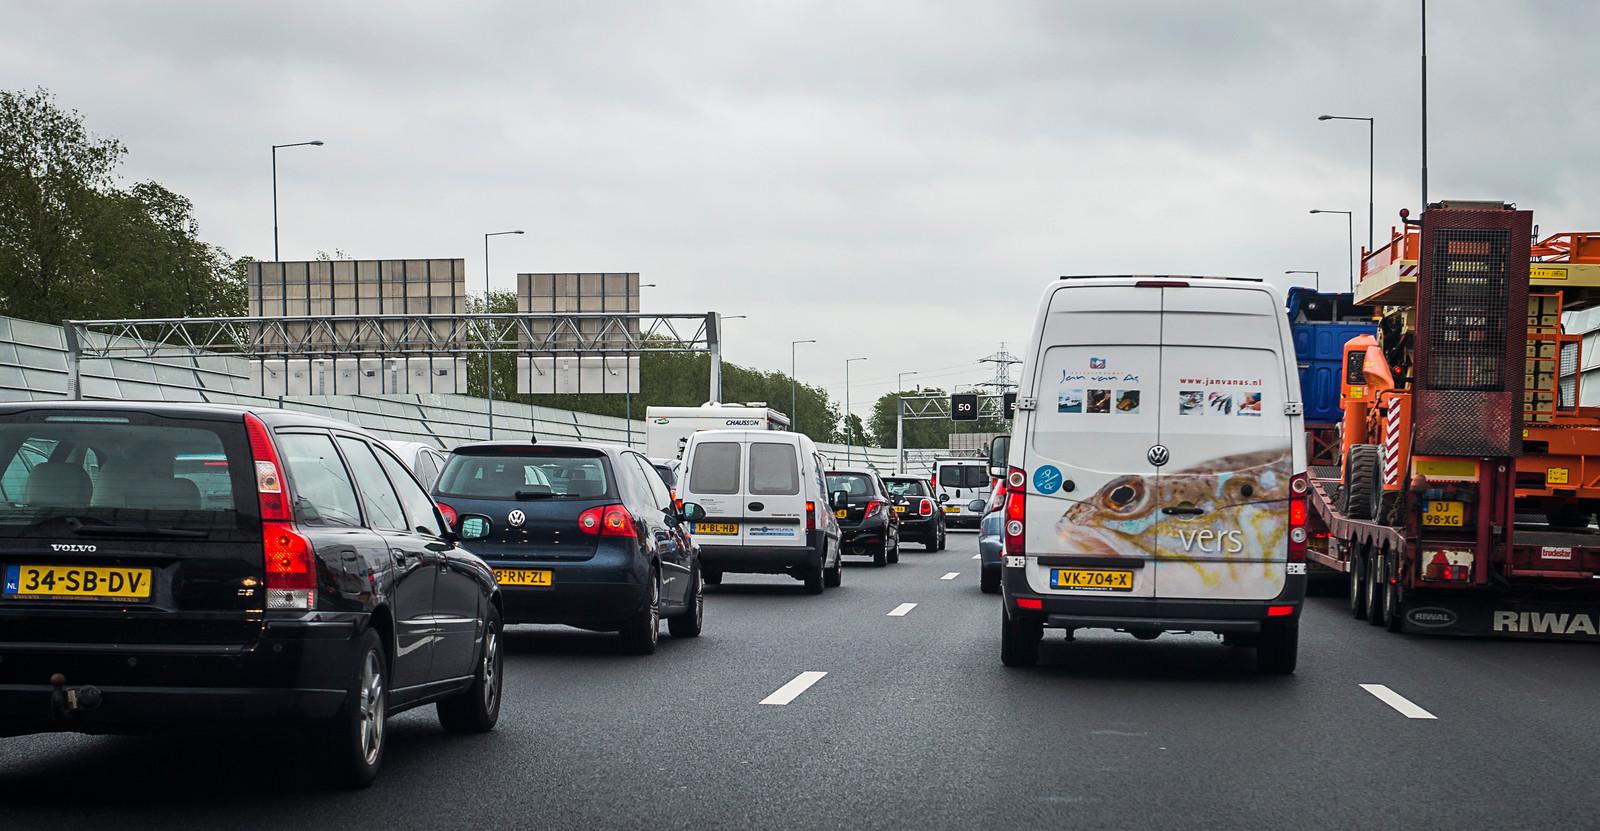 De A1 van Amsterdam richting Apeldoorn is dicht tussen Barneveld na een ongeluk.